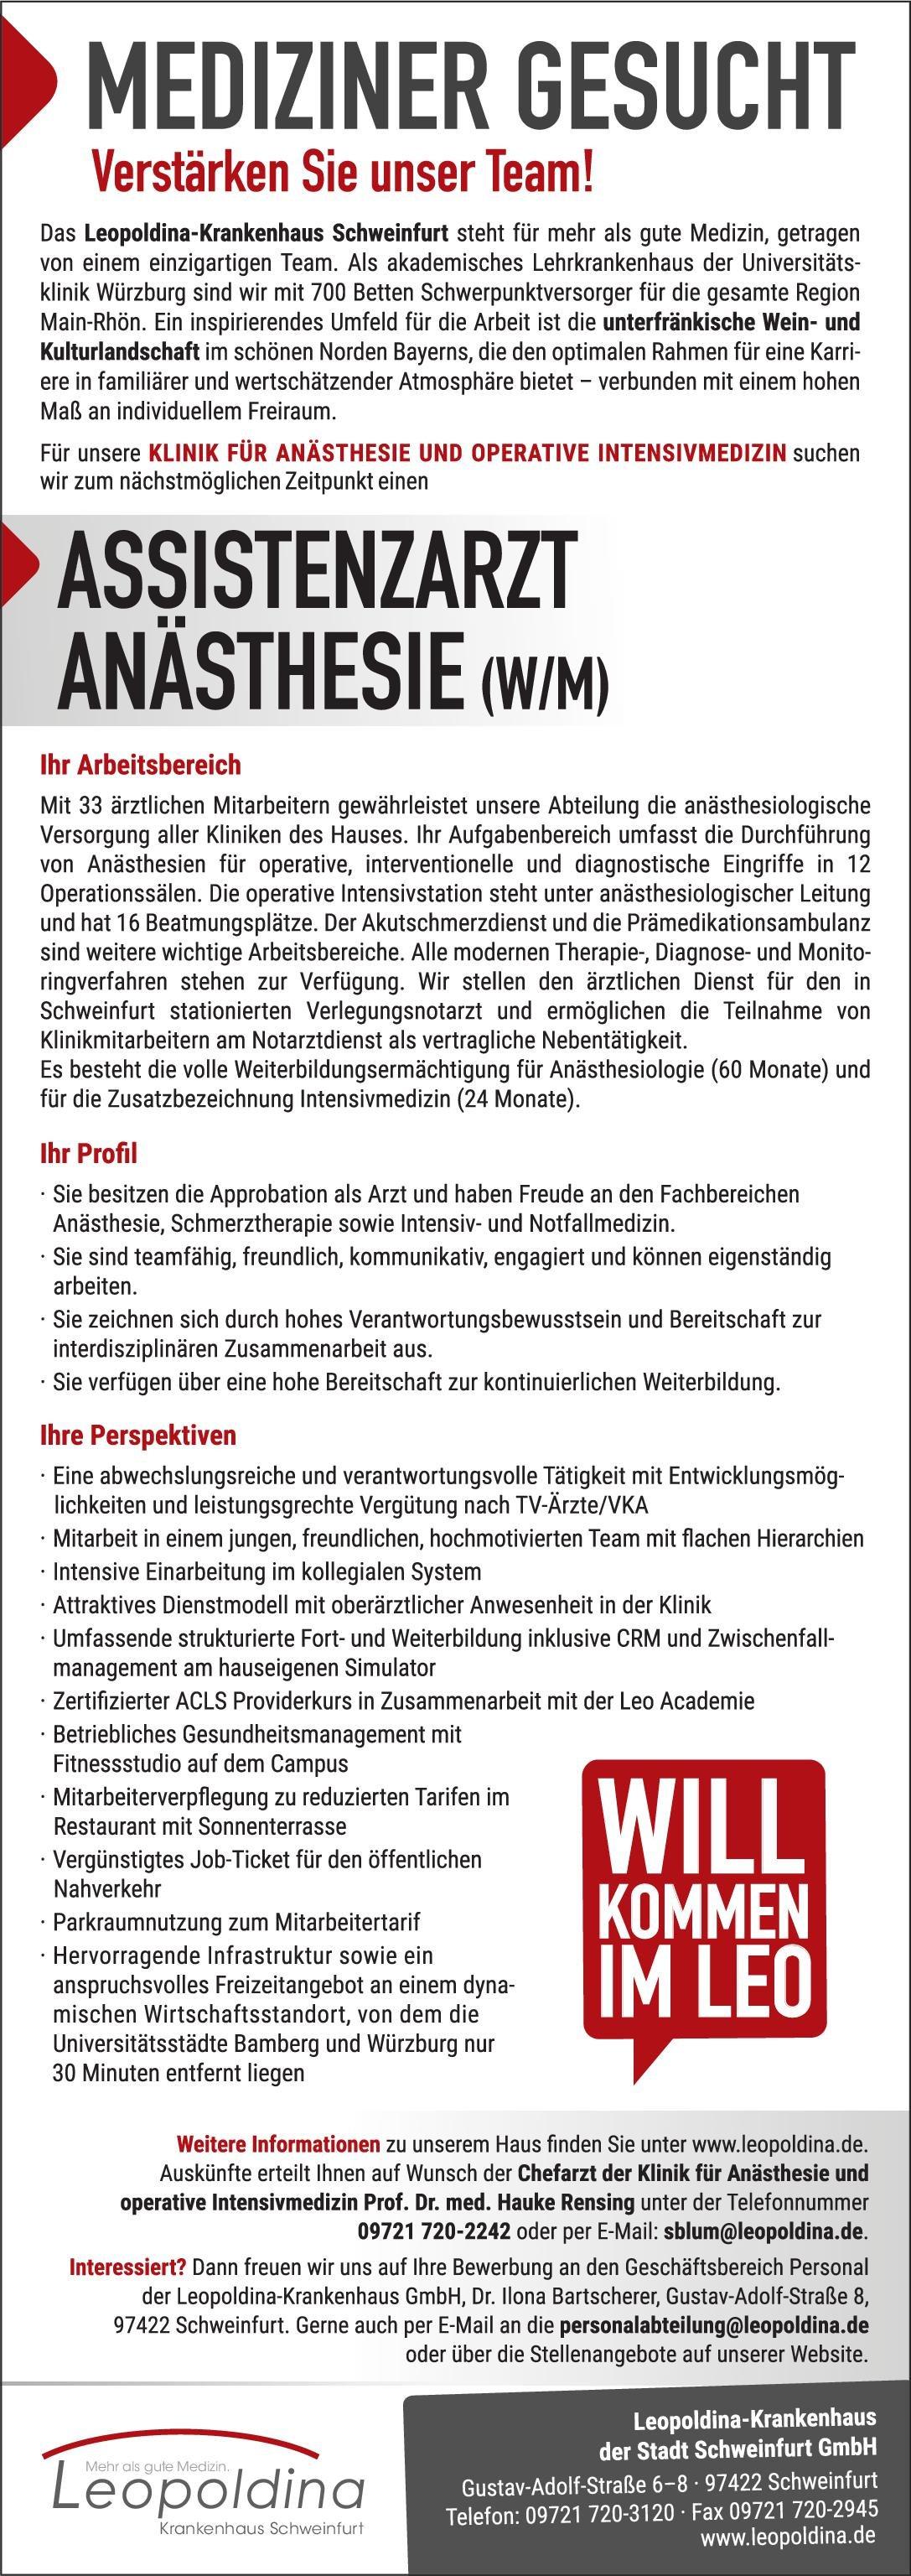 Stellenangebot Assistenzarzt Anästhesie Wm Schweinfurt